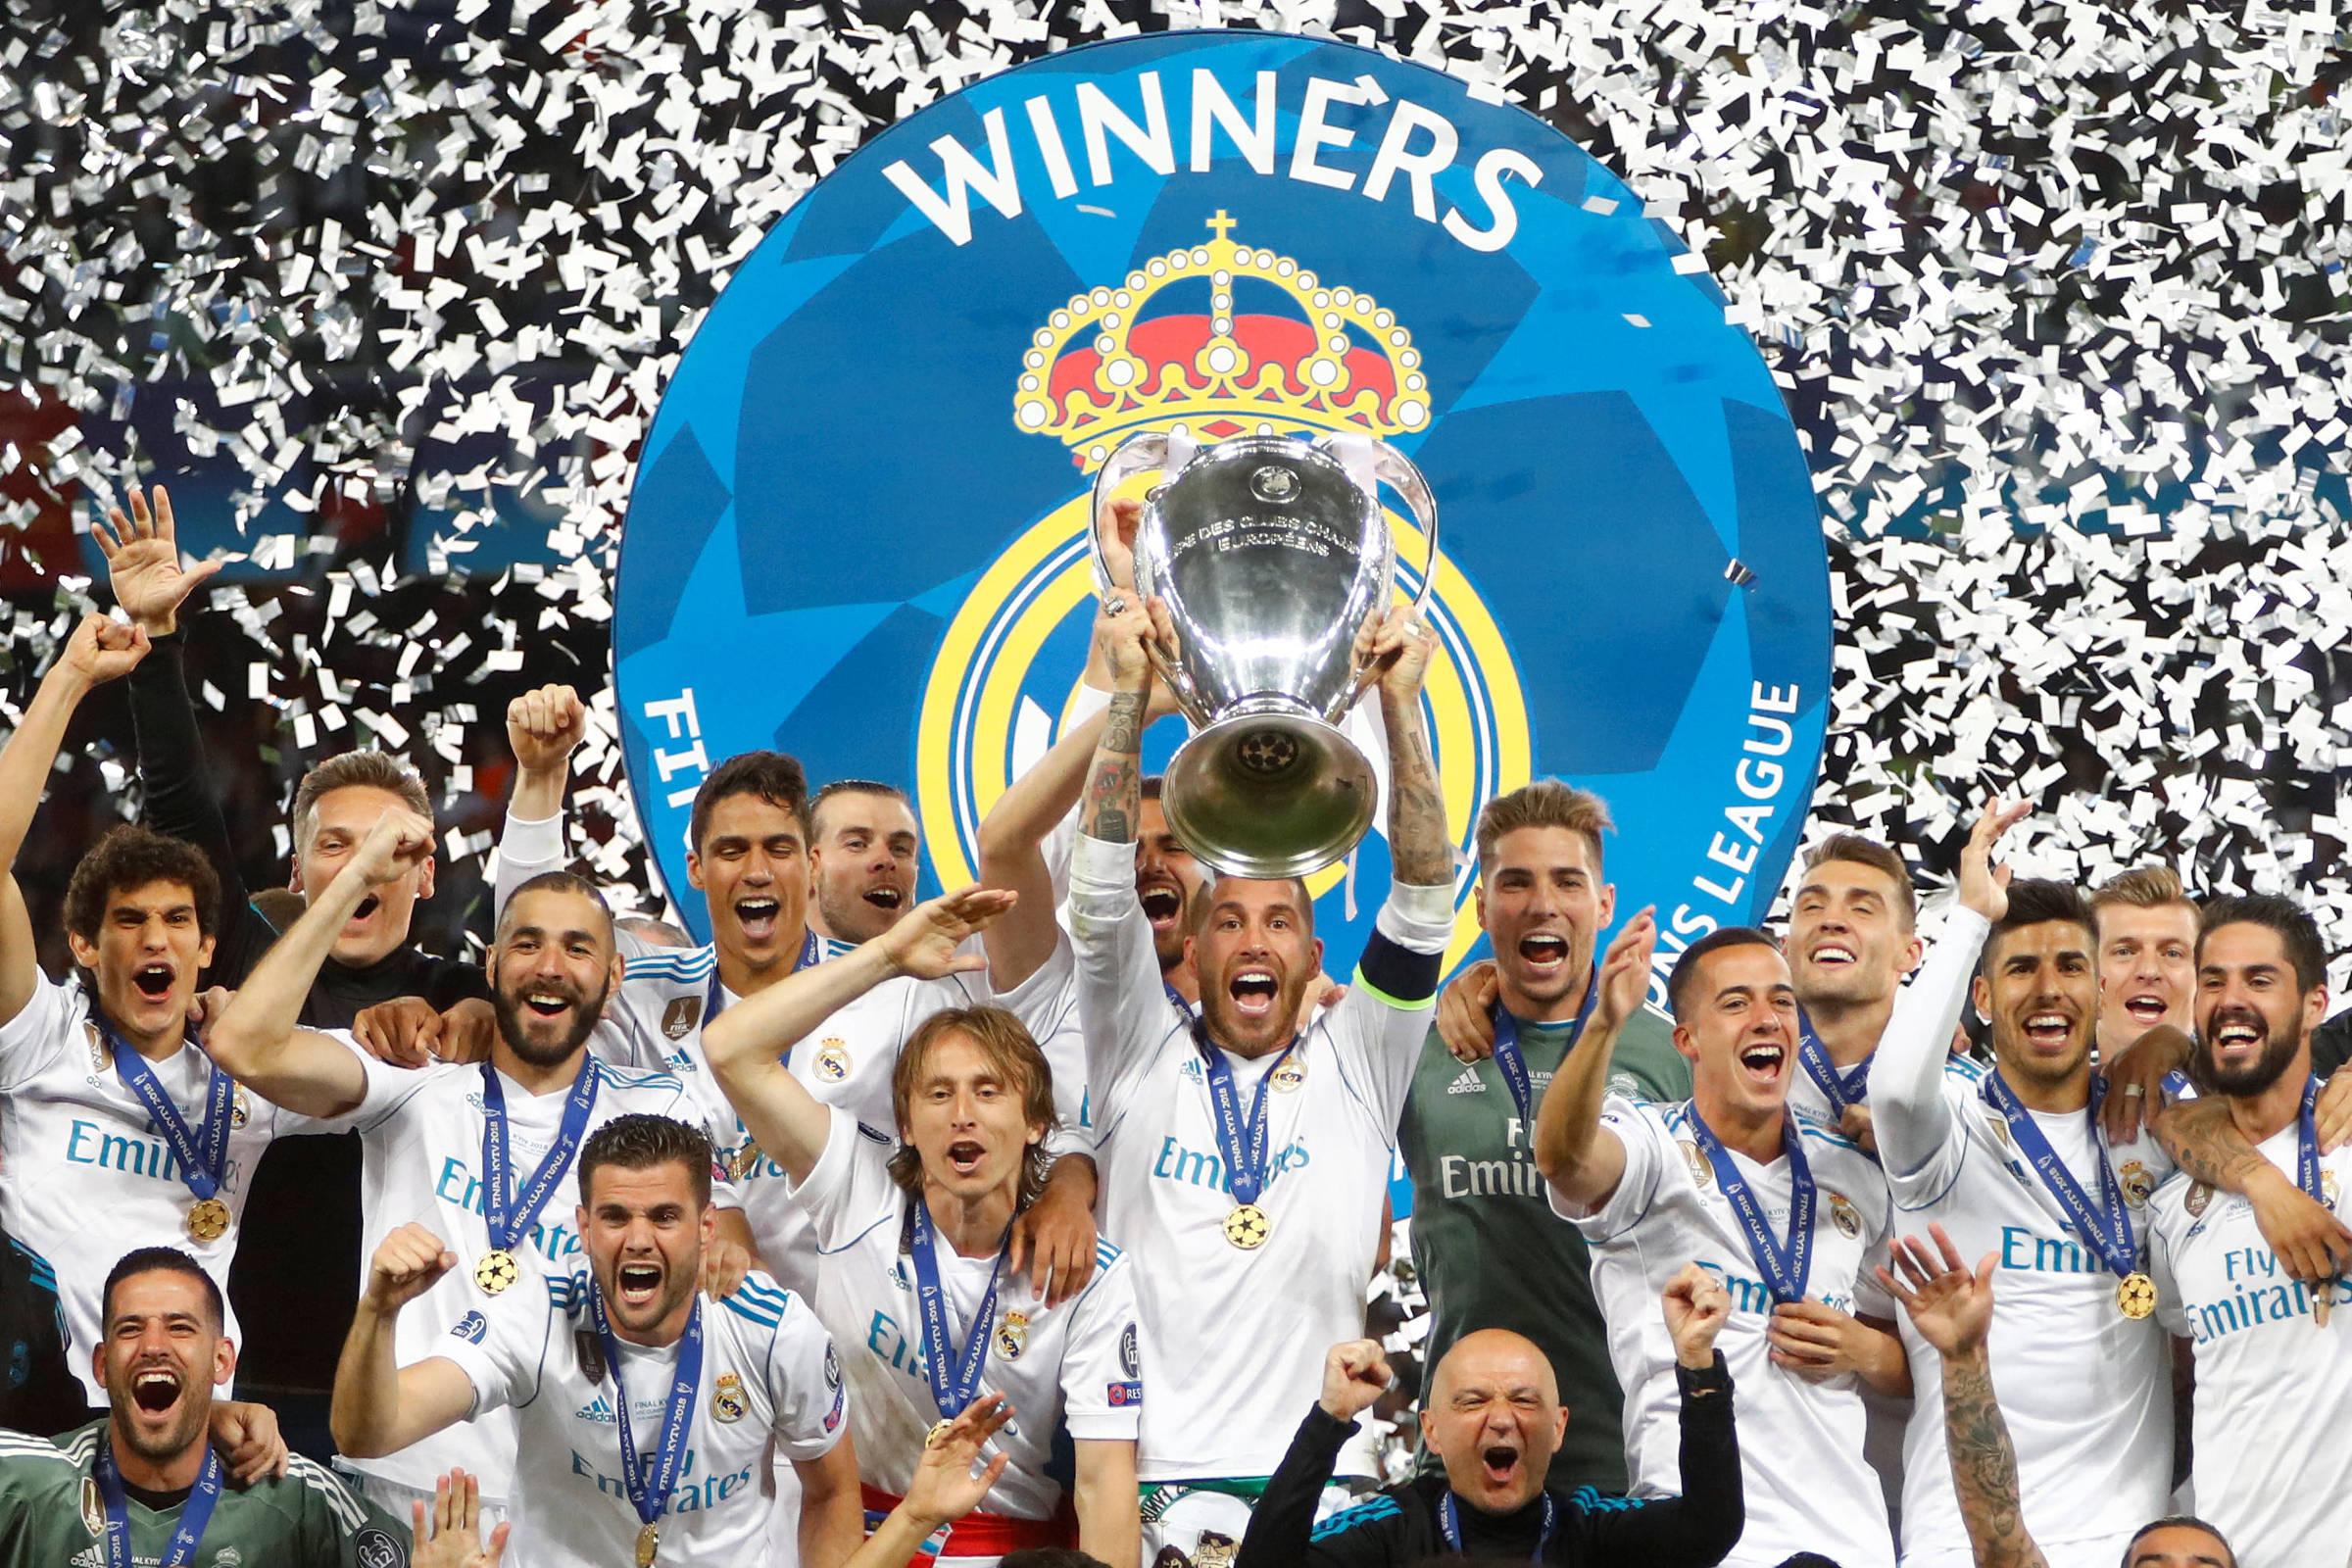 Real Madrid derrota Liverpool e ganha Liga dos Campeões pela 3ª vez seguida  - 26 05 2018 - Esporte - Folha c0bdb900724fc